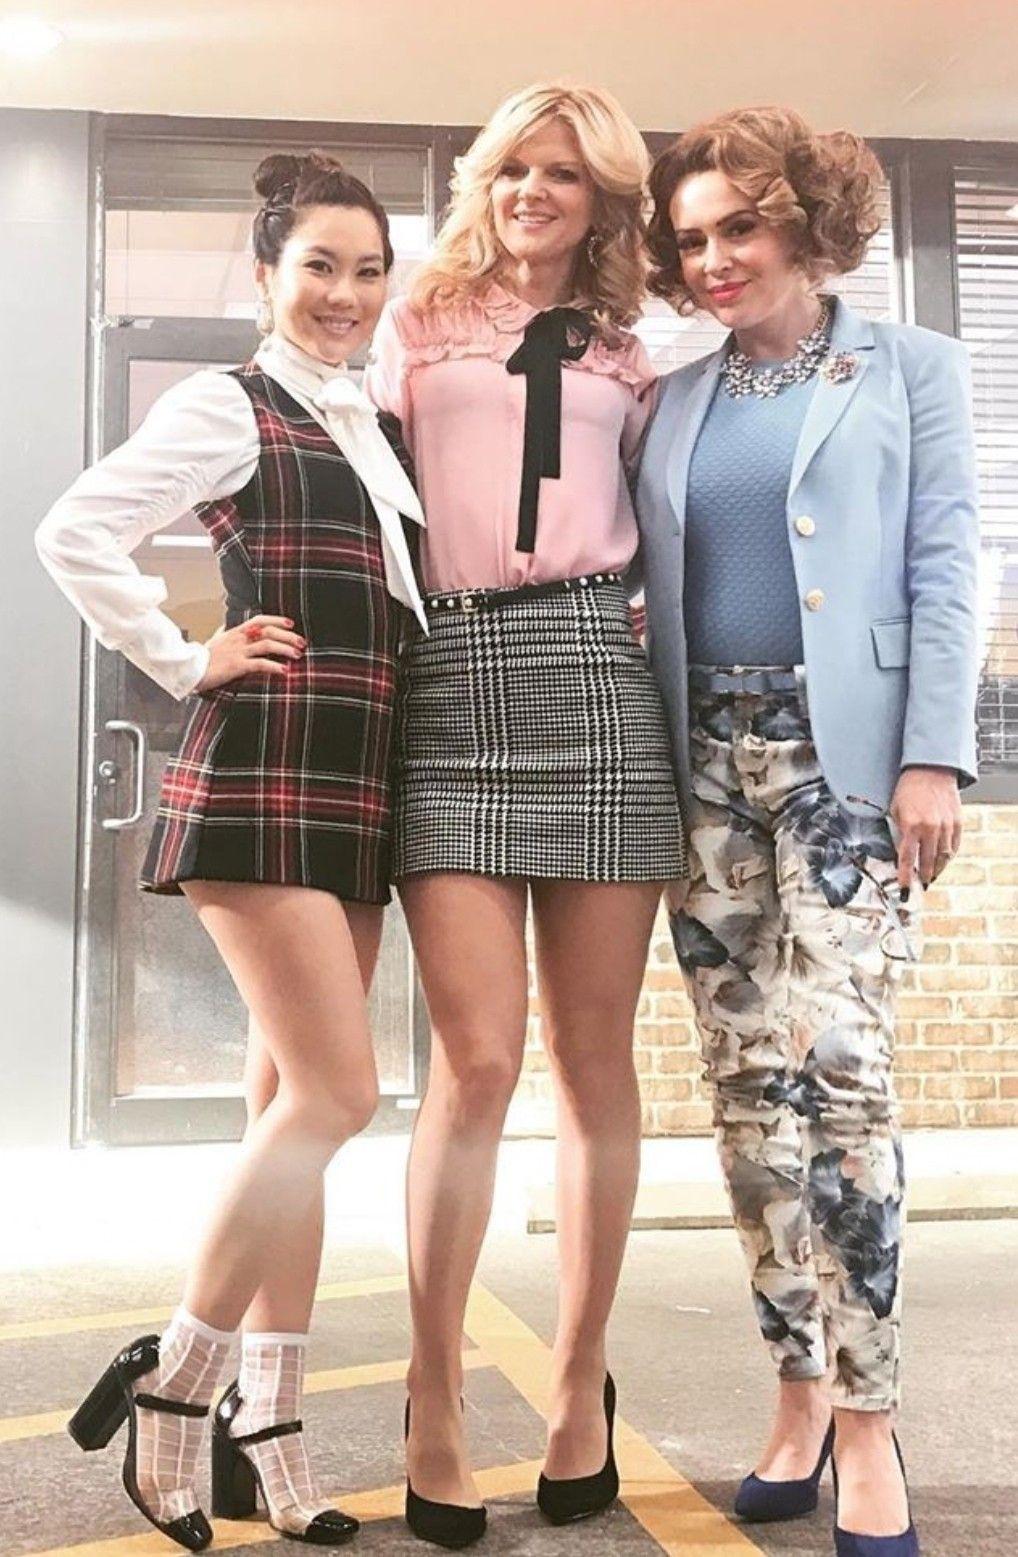 Irene Choi Arden Myrin And Alyssa Milano Arden Myrin Alyssa Milano Style Come in | irene choi. irene choi arden myrin and alyssa